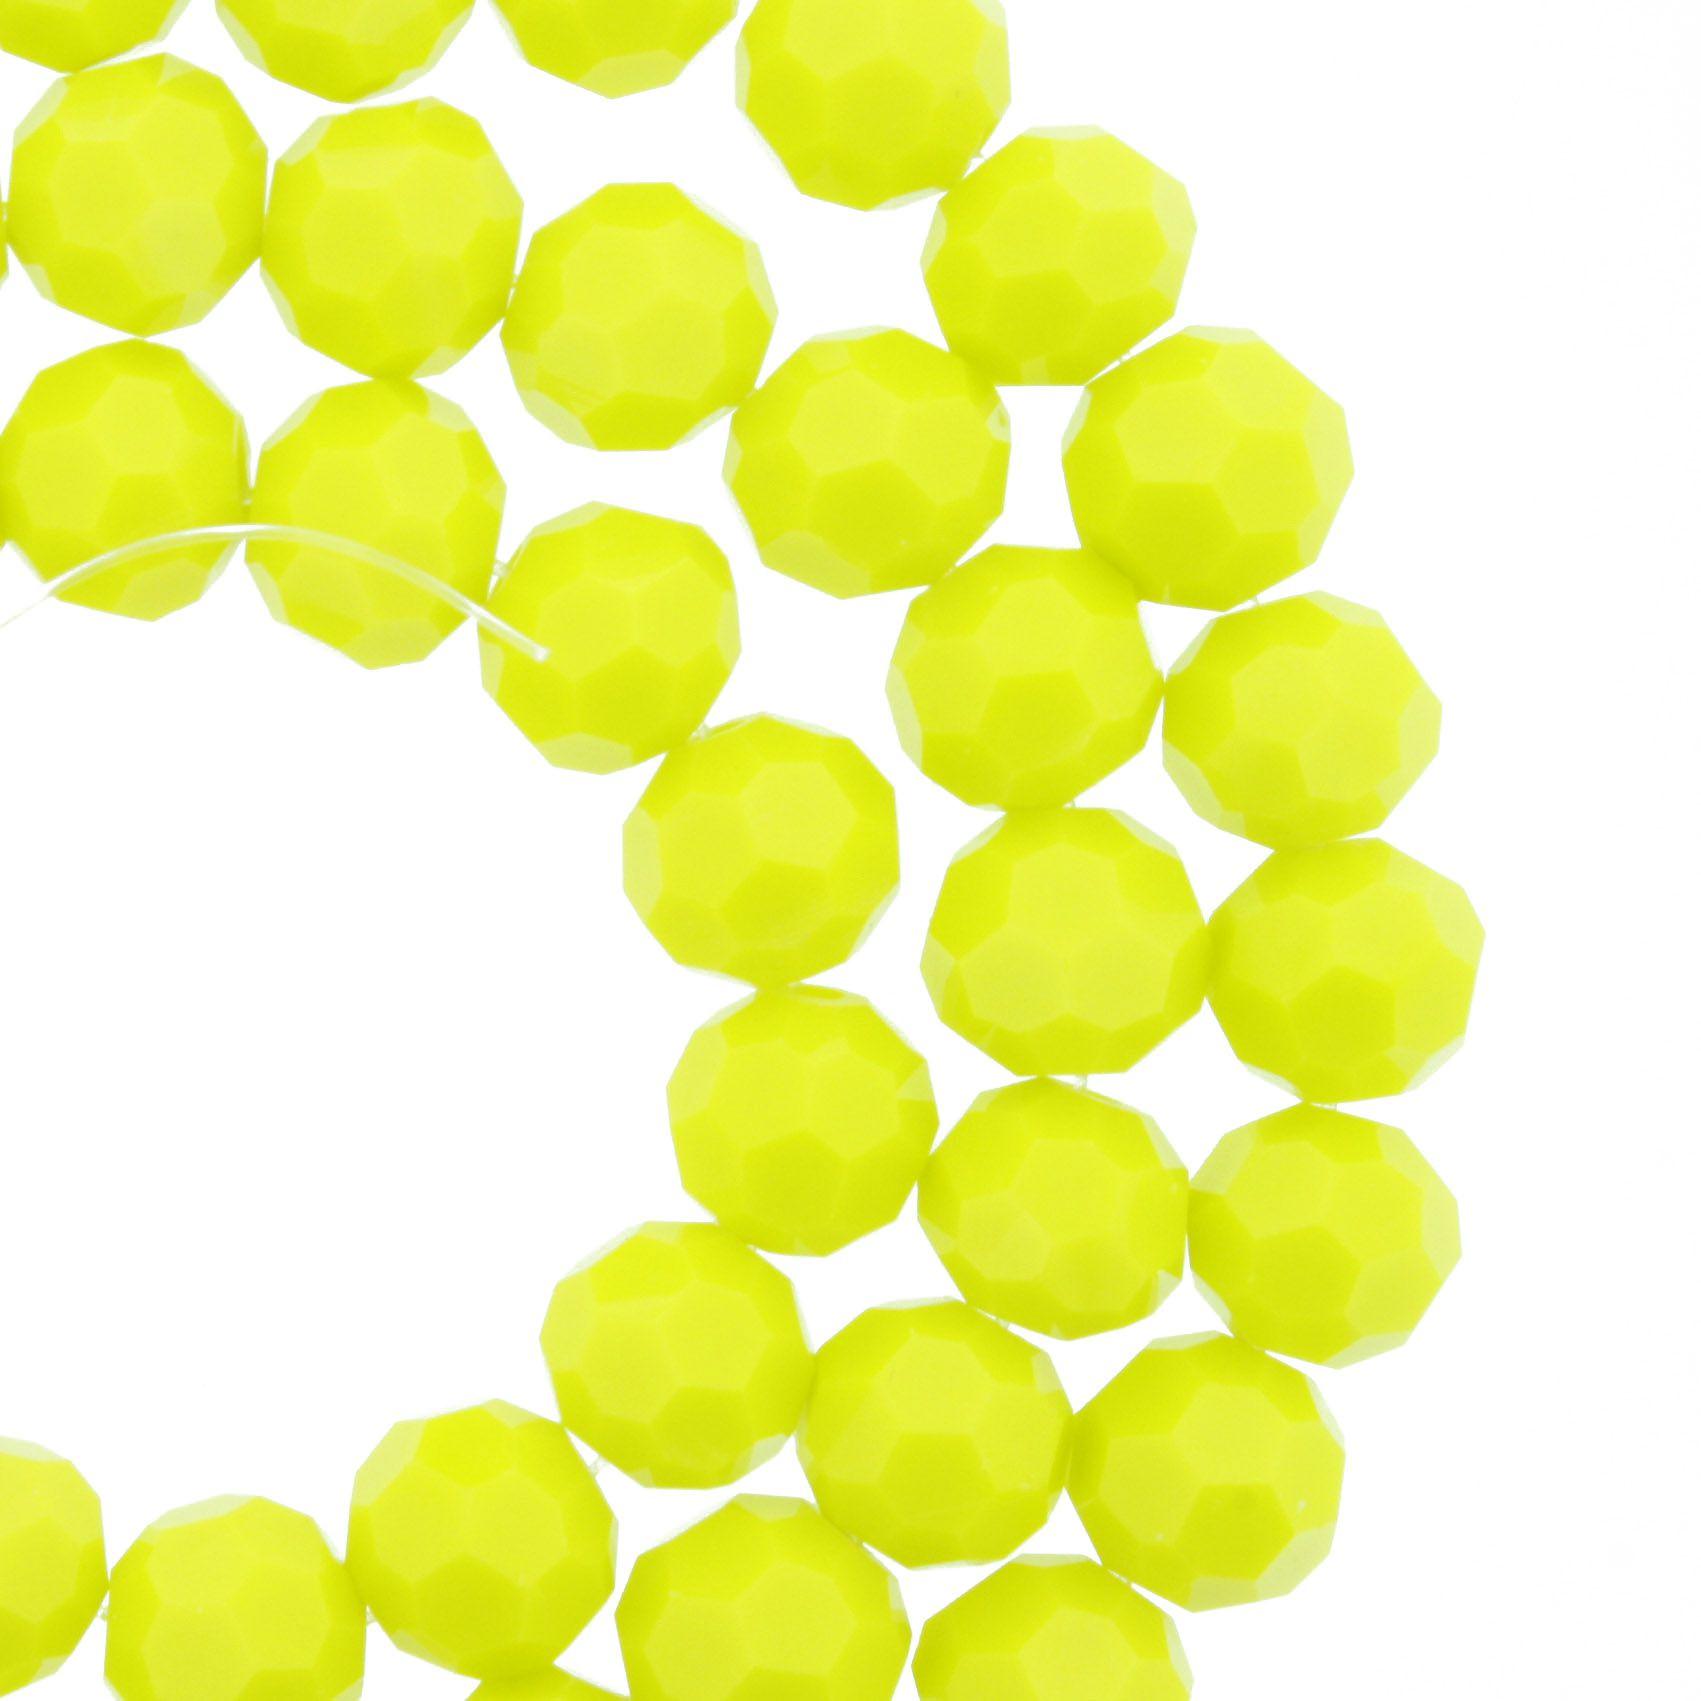 Fio de Cristal - Premium® - Amarelo - 8mm  - Stéphanie Bijoux® - Peças para Bijuterias e Artesanato